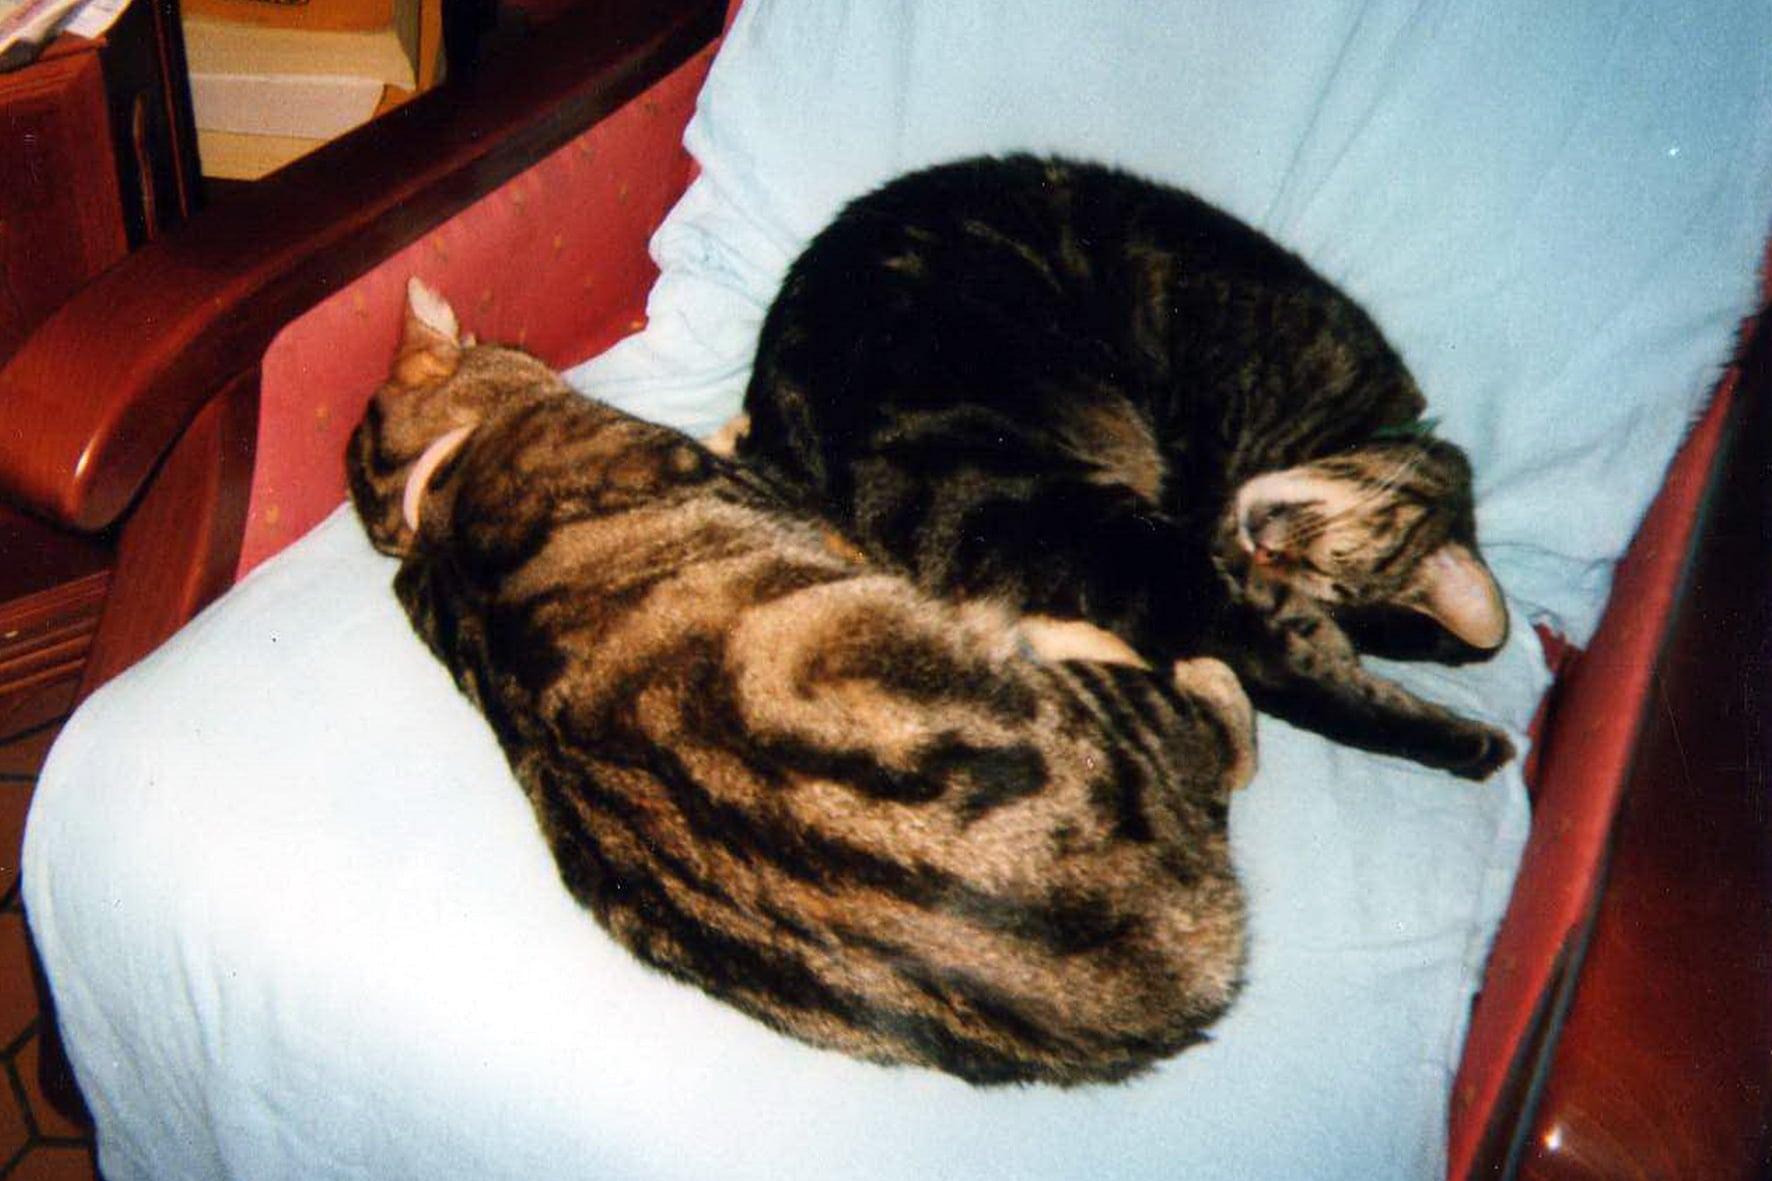 chat en appartement comment le rendre heureux sylvie chaiffre animalcom 39 sylvie chaiffre. Black Bedroom Furniture Sets. Home Design Ideas